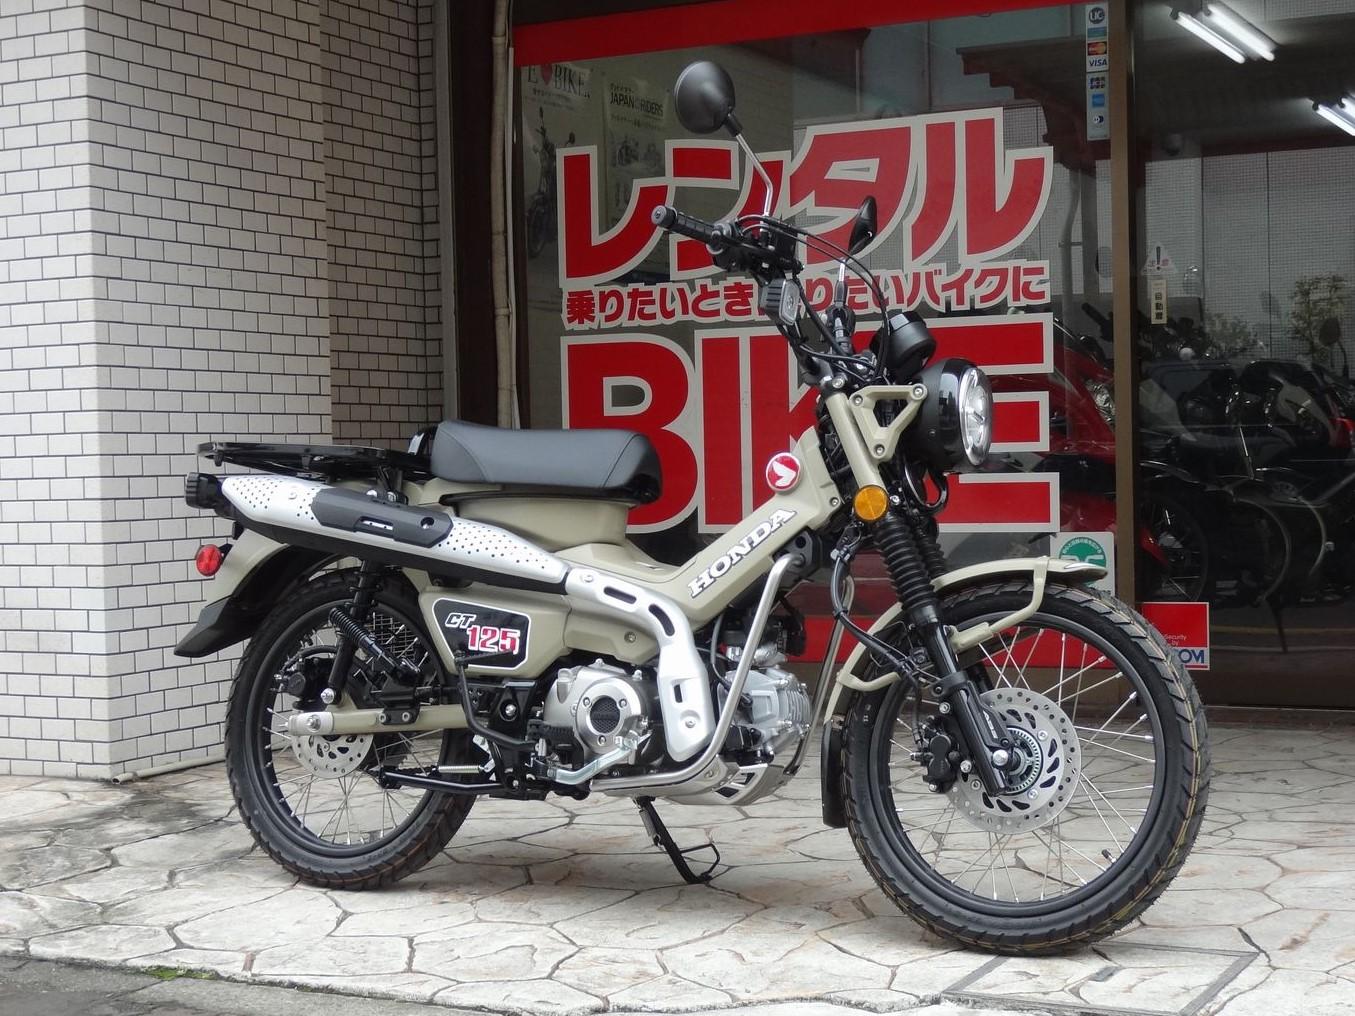 CT125ハンターカブ(125cc)_l_07